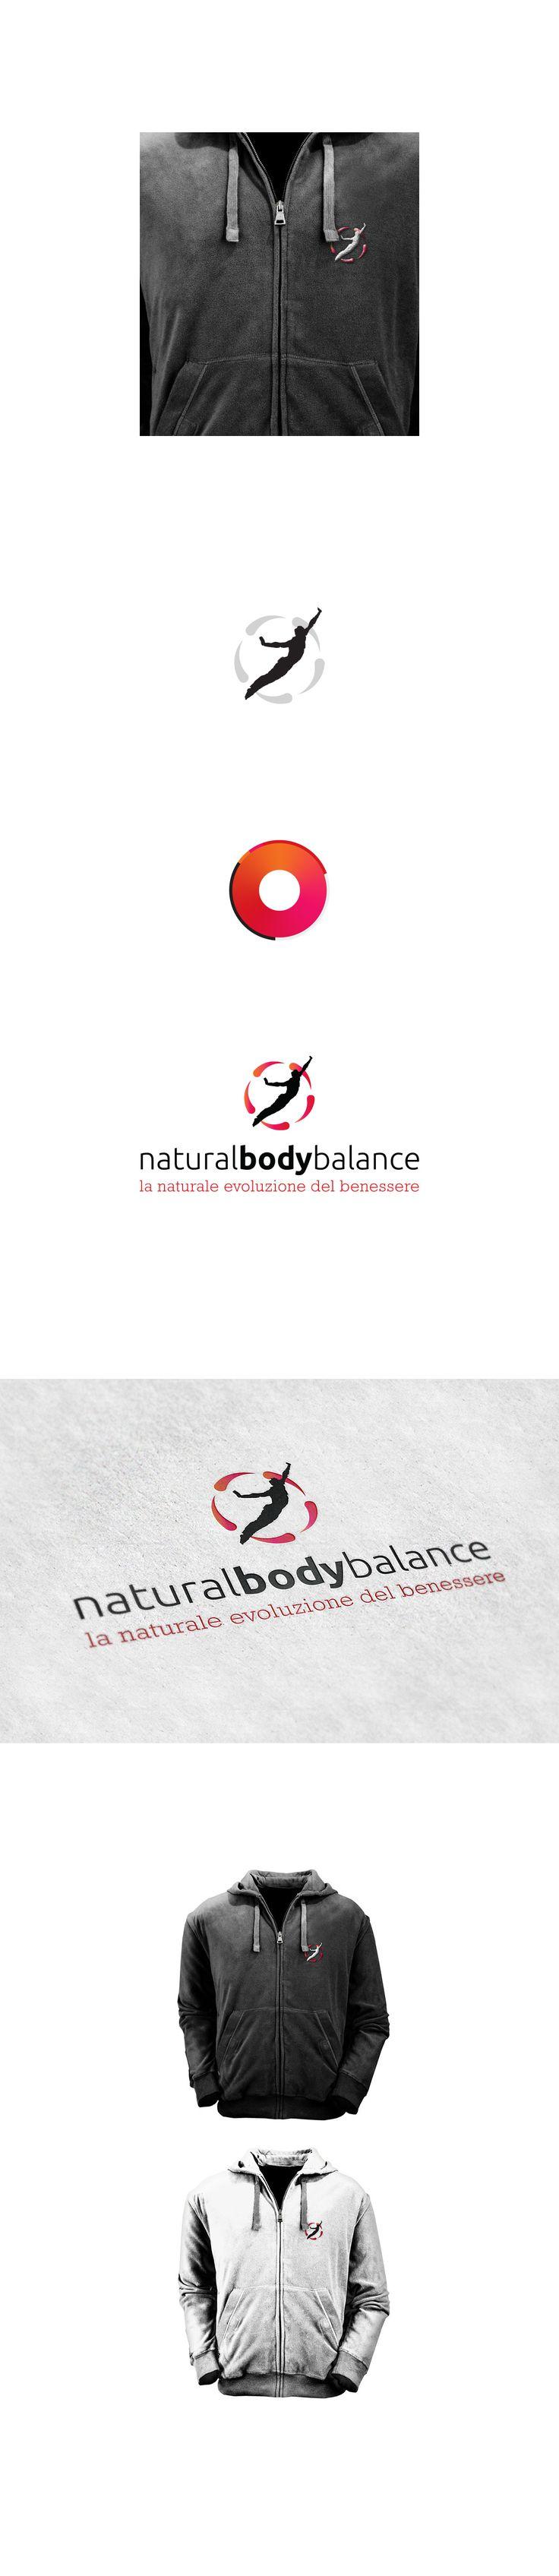 Creazione del logo per l'attività di life-coaching e la gamma di prodotti di Natural Body Balance. Natural Body Balance unisce la tradizione orientale e la moderna tecnologia per donare forza e benessere al corpo umano.